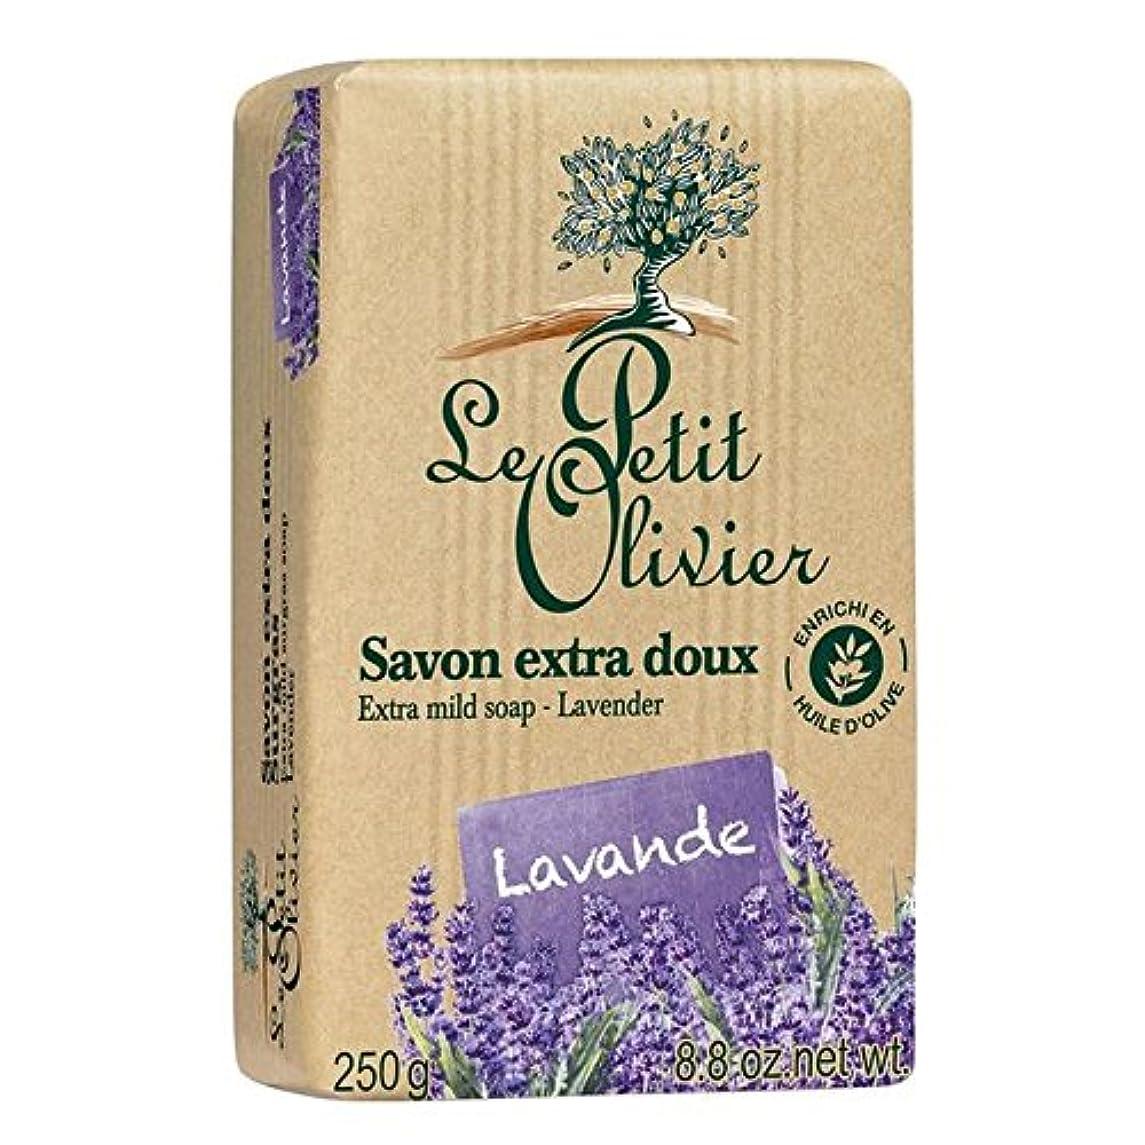 未亡人ロードブロッキング適合するル?プティ?オリヴィエ余分な穏やかなラベンダー石鹸250グラム x4 - Le Petit Olivier Extra Mild Lavender Soap 250g (Pack of 4) [並行輸入品]